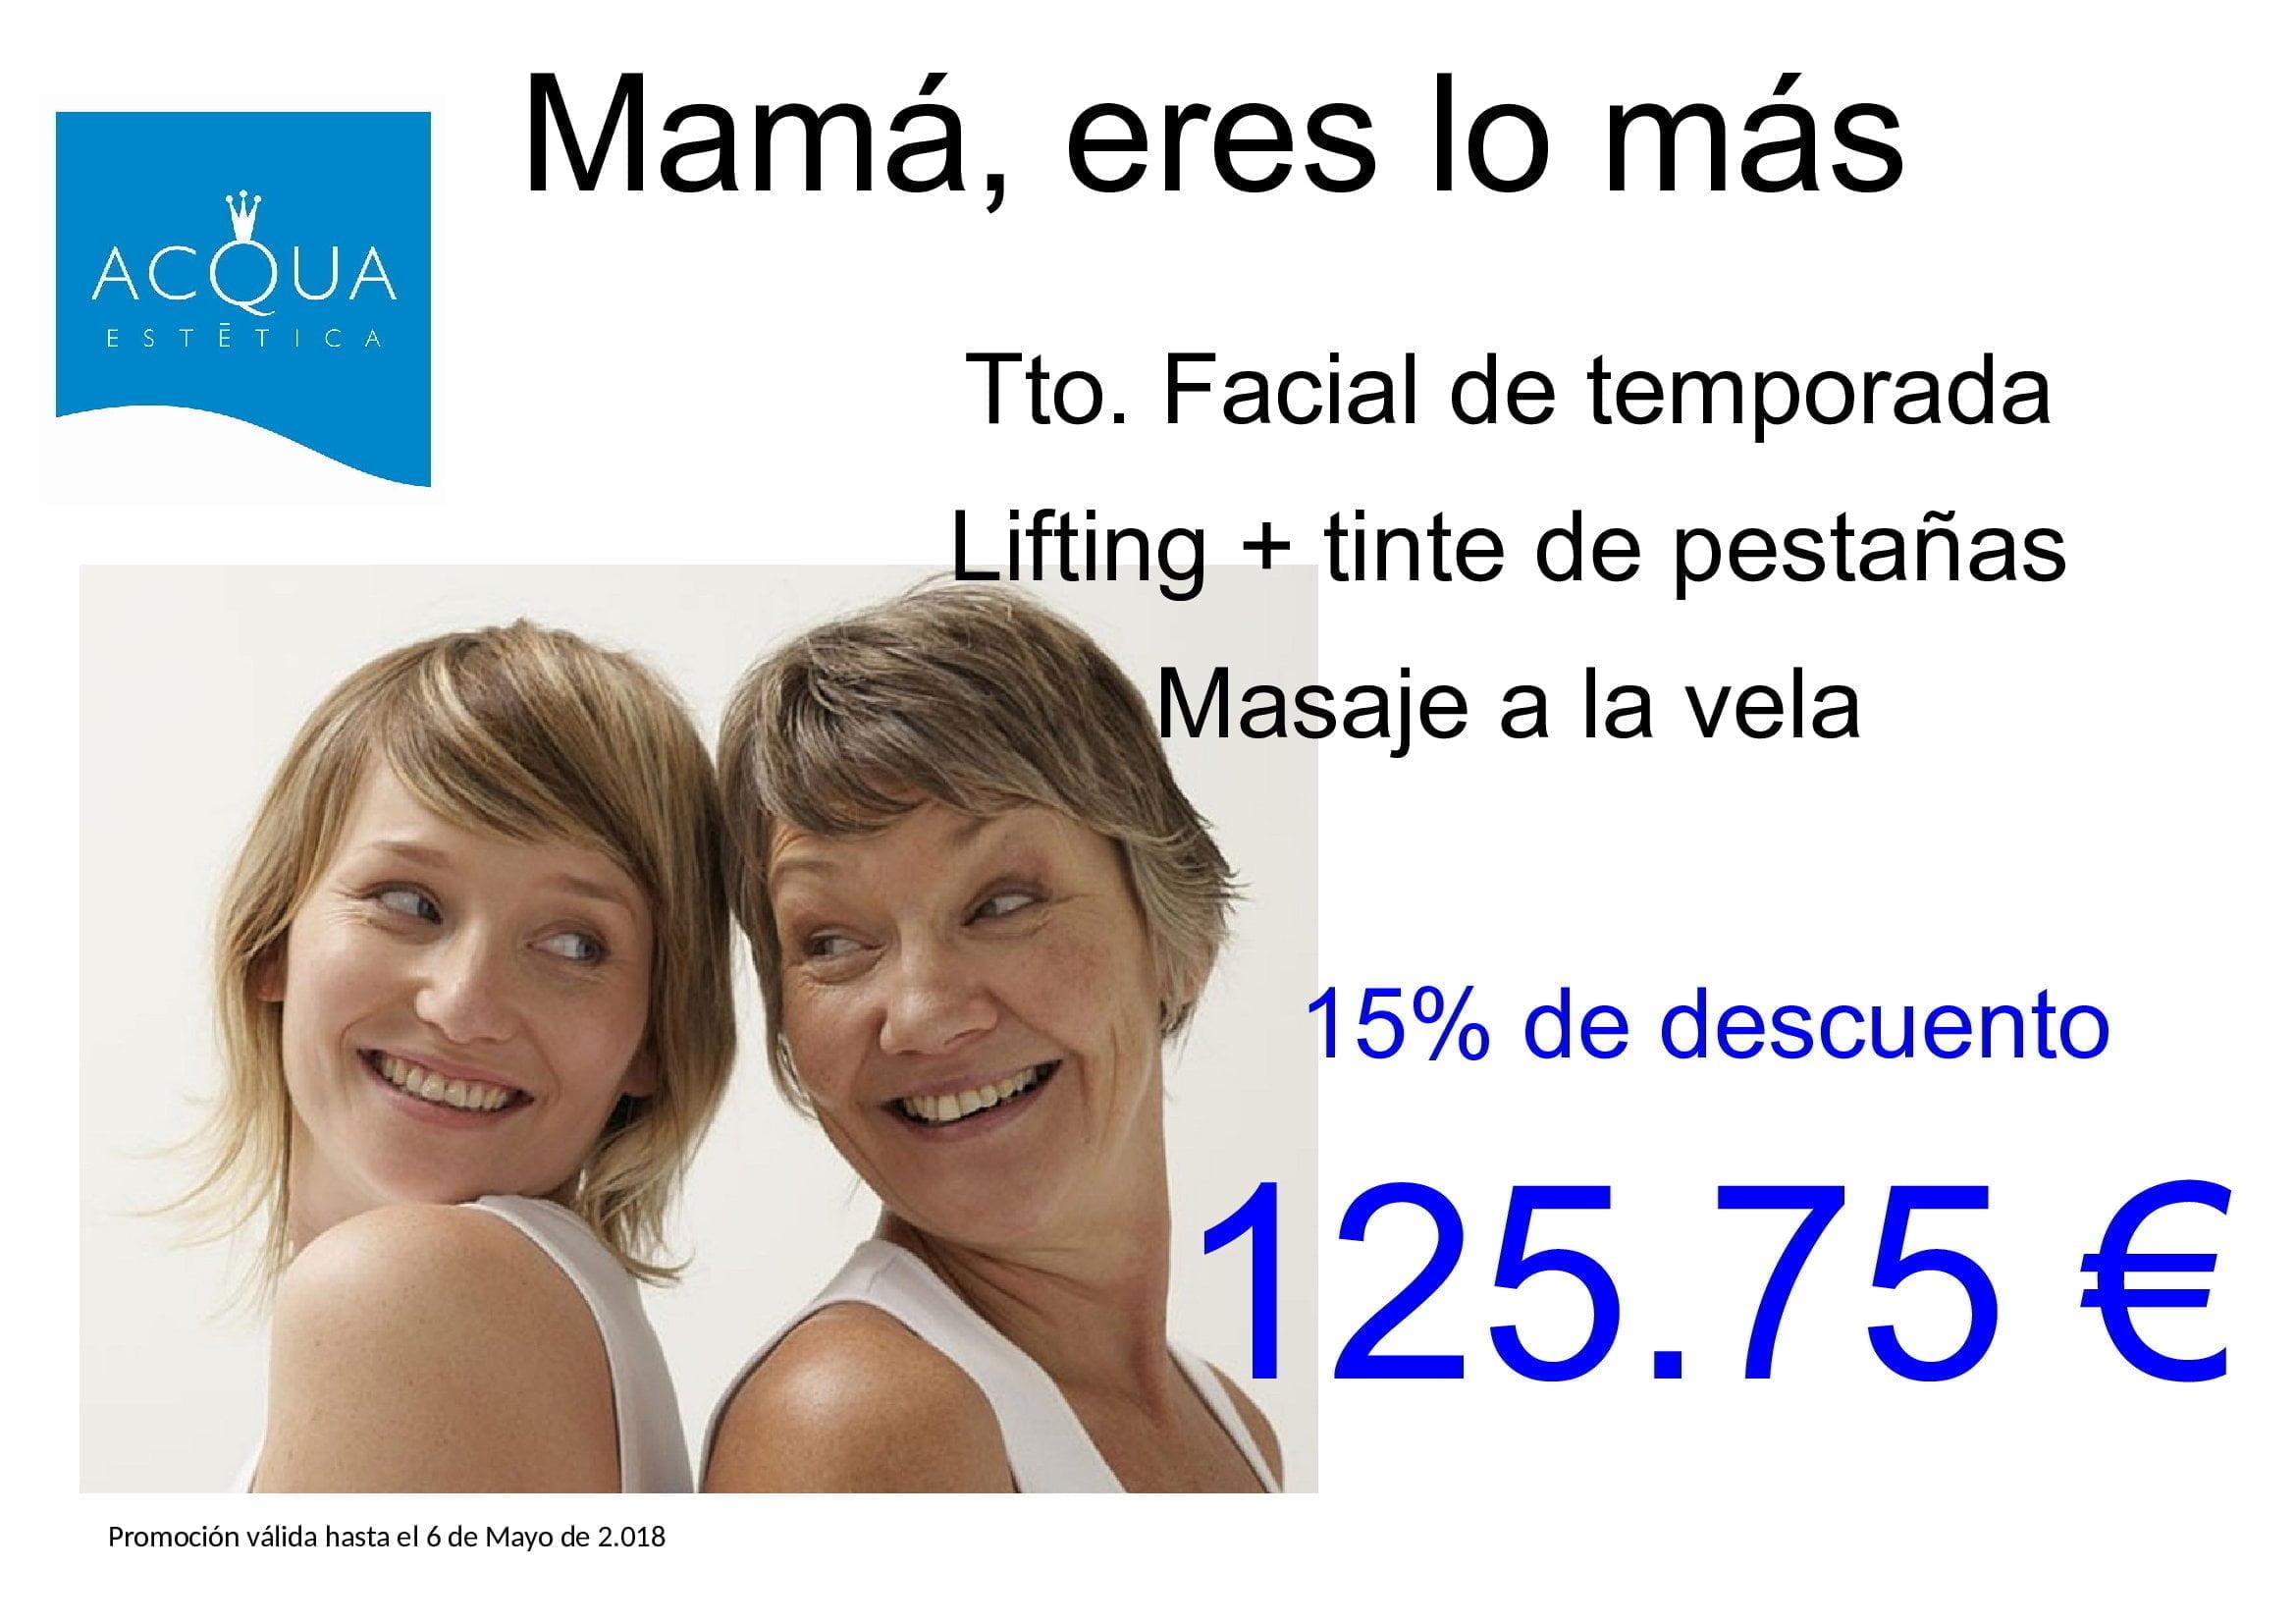 [PROMO FINALIZADA] Mamá, eres lo más